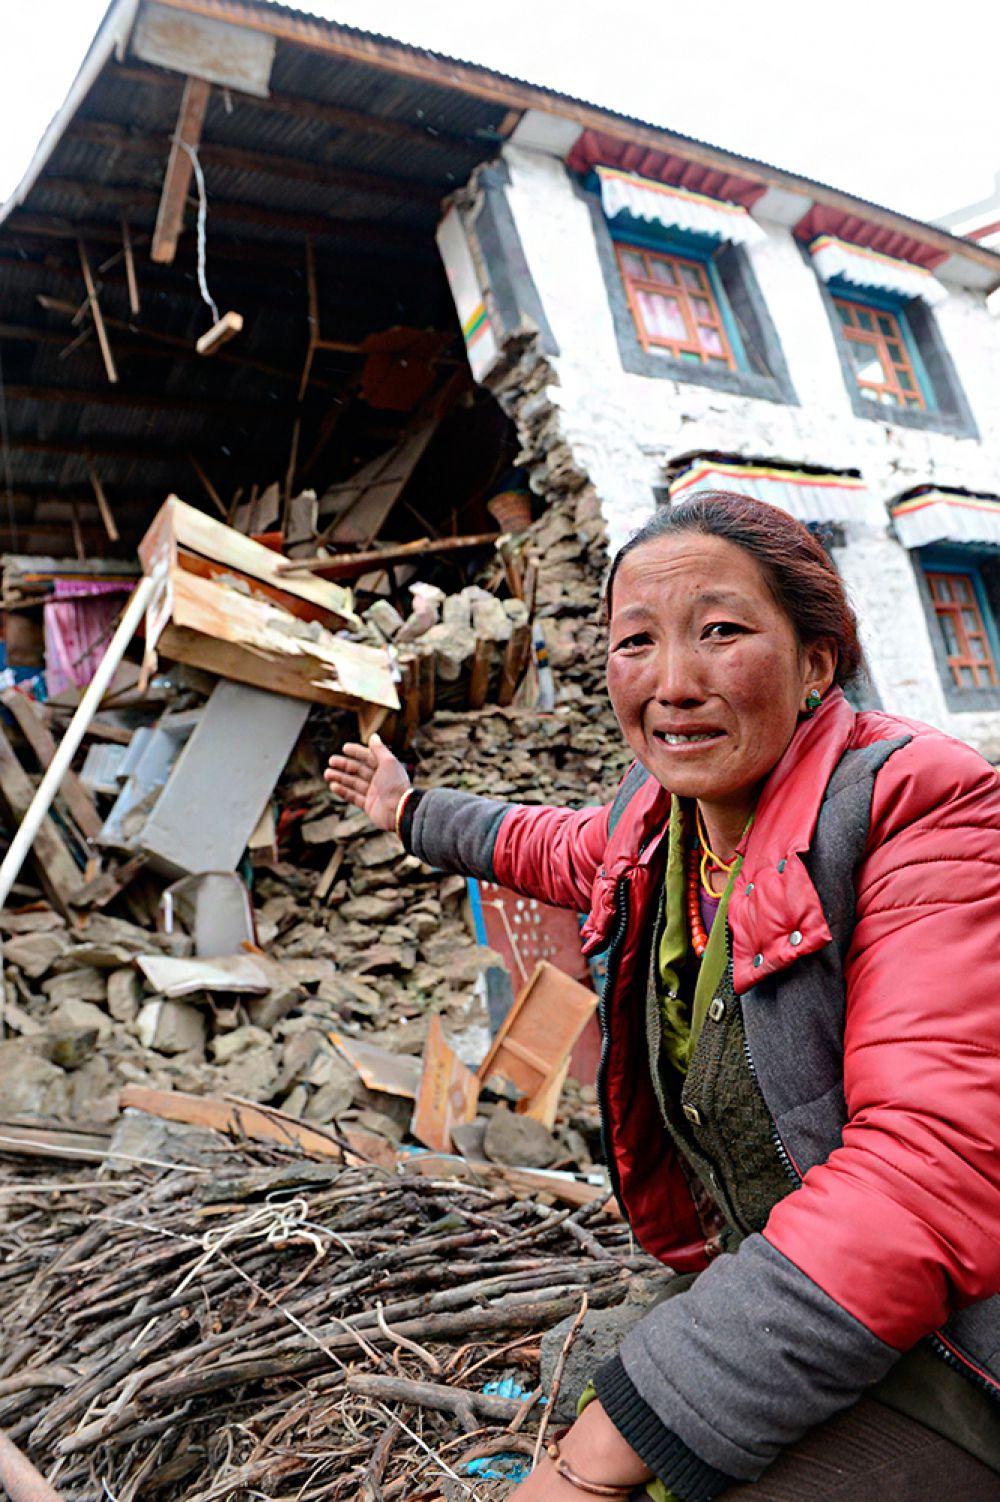 В Катманду царит опустошение. У переживших землетрясение подчас нет самого необходимого, как нет и пути домой.